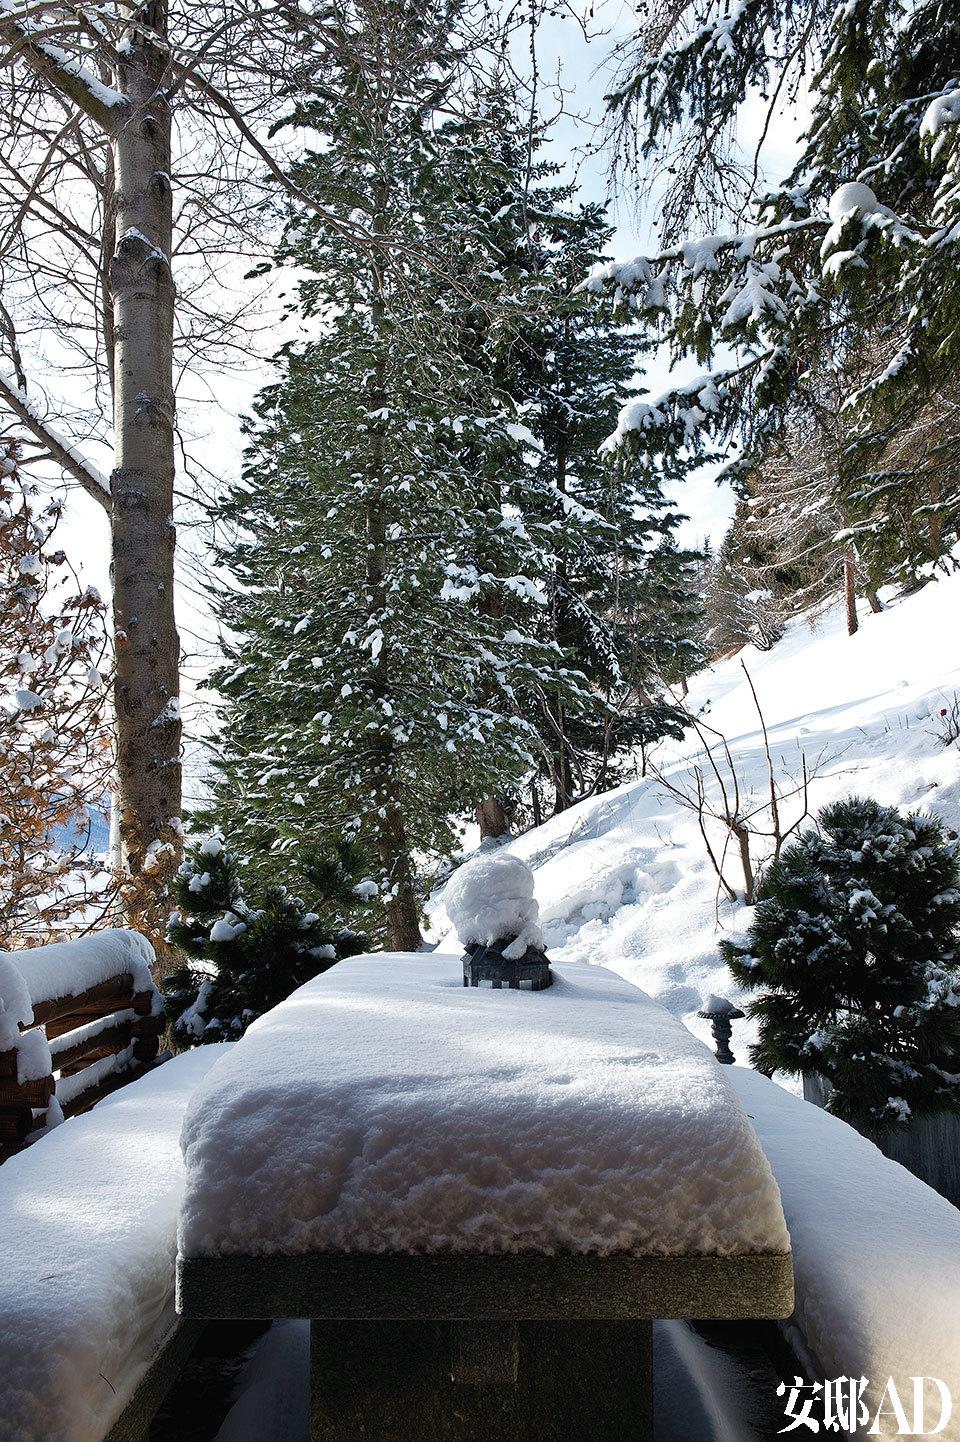 冬日里,从室内踱步室外, 如同穿越一片灰白梦境,也许下一秒就会有仙子从树林里冒出来。雪后初霁,白雪覆盖的山林尤其迷人。